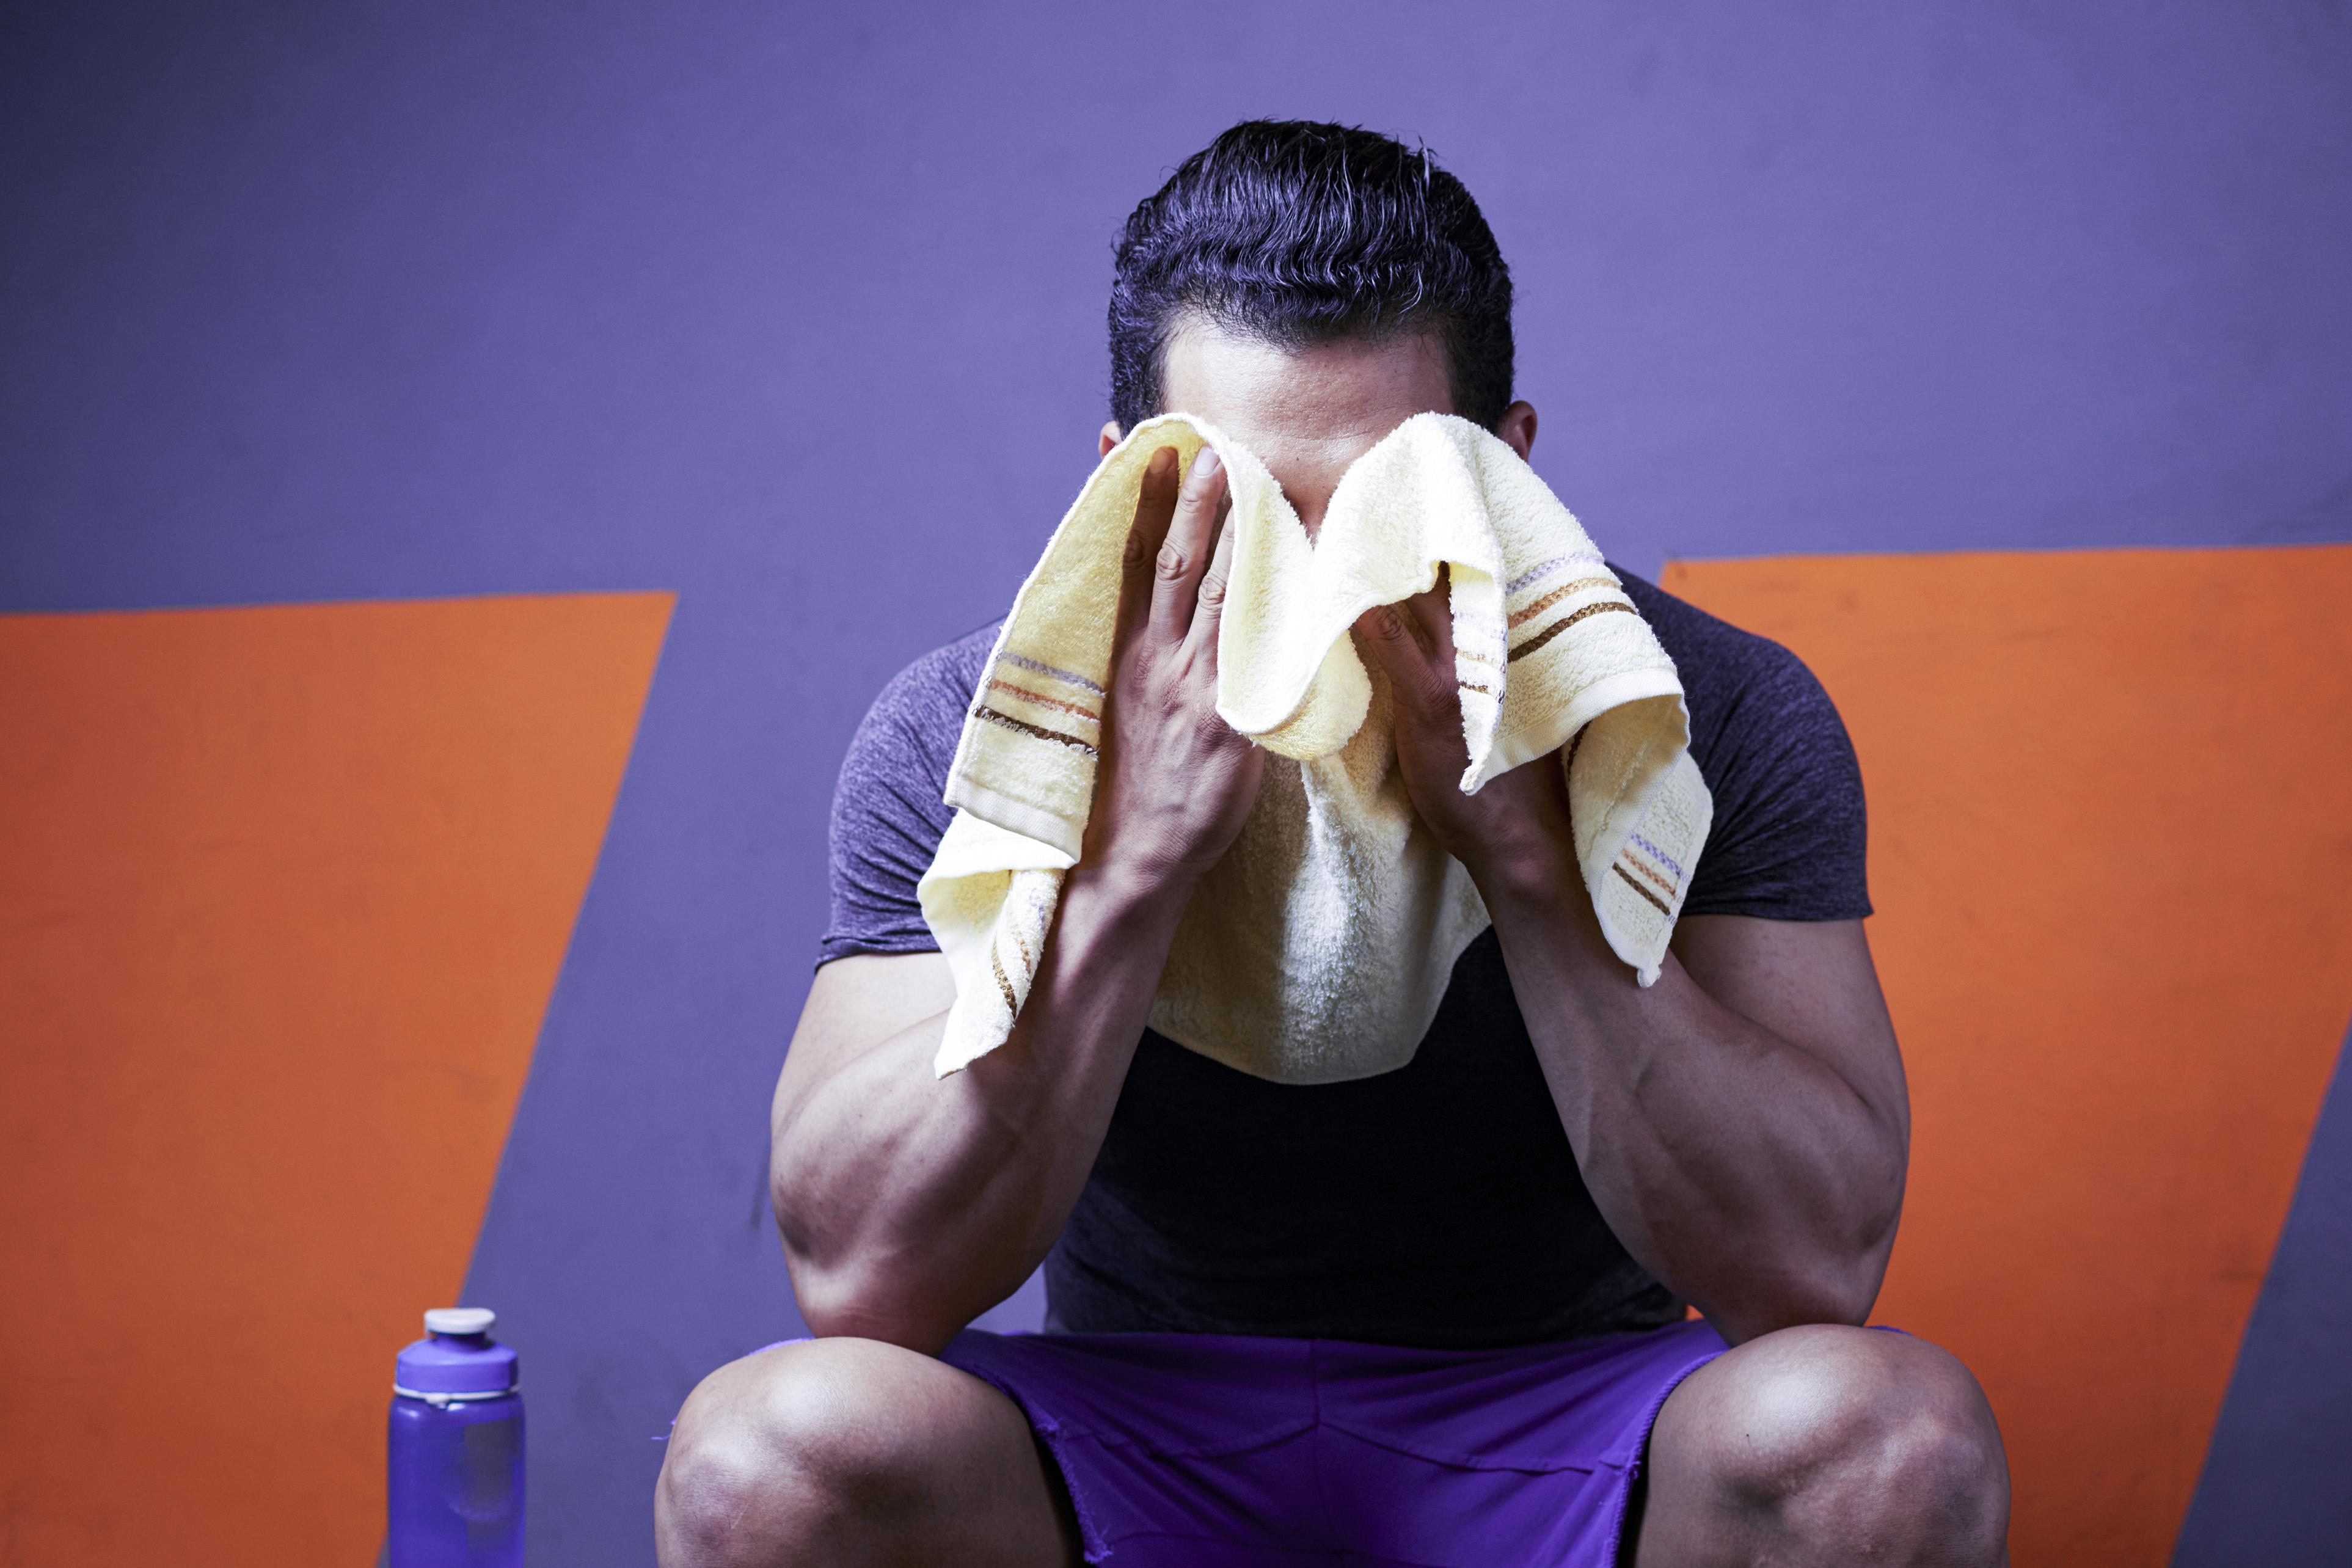 No Pain, More Gain: até que ponto o trabalho duro vale a pena?